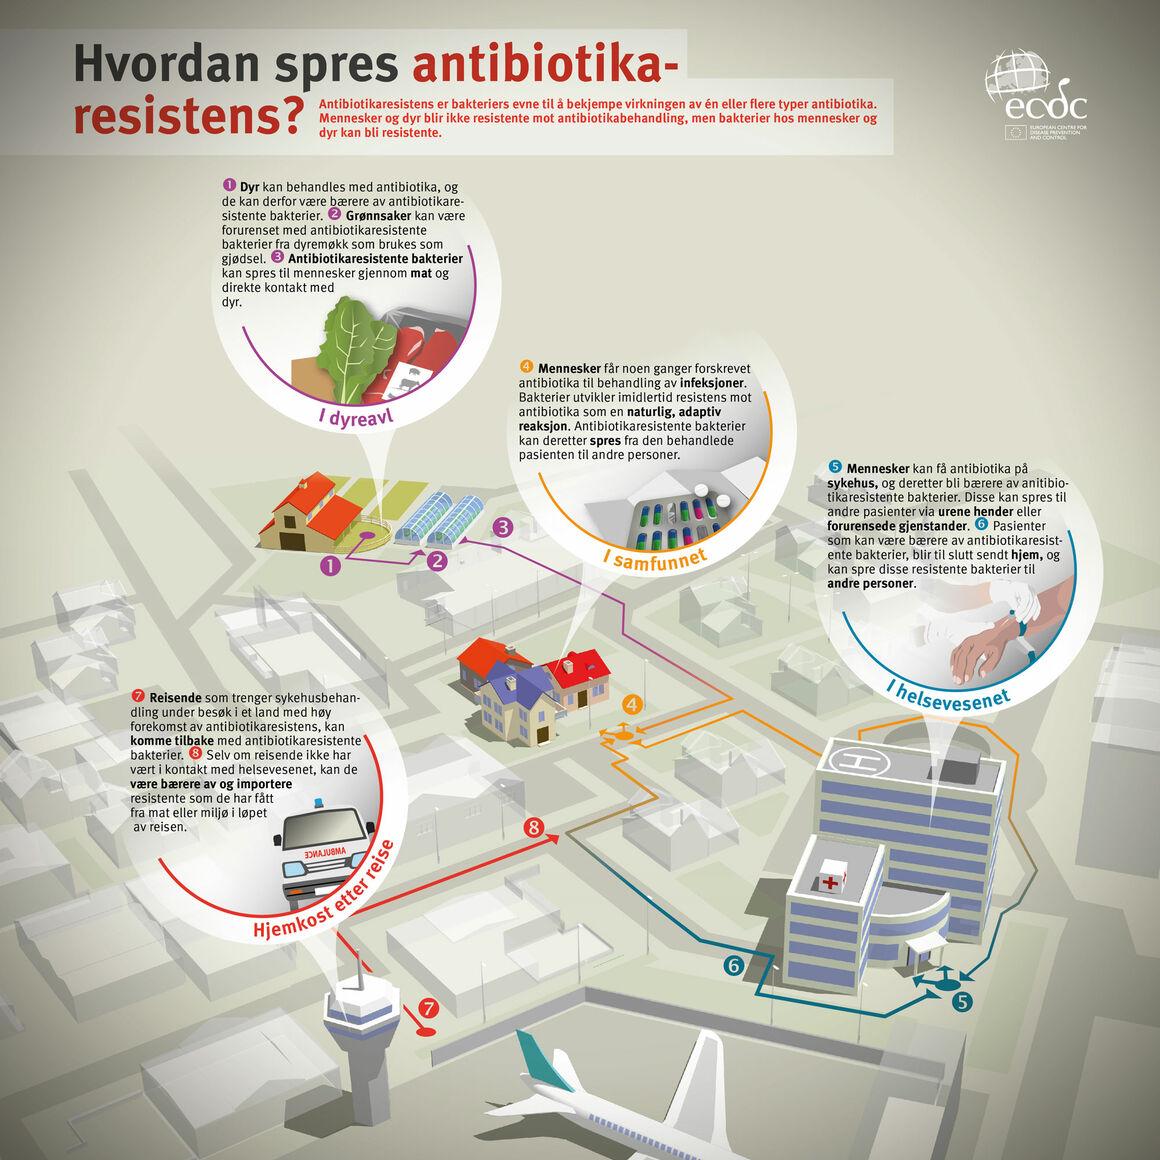 Hvordan spres antibiotikaresistens?